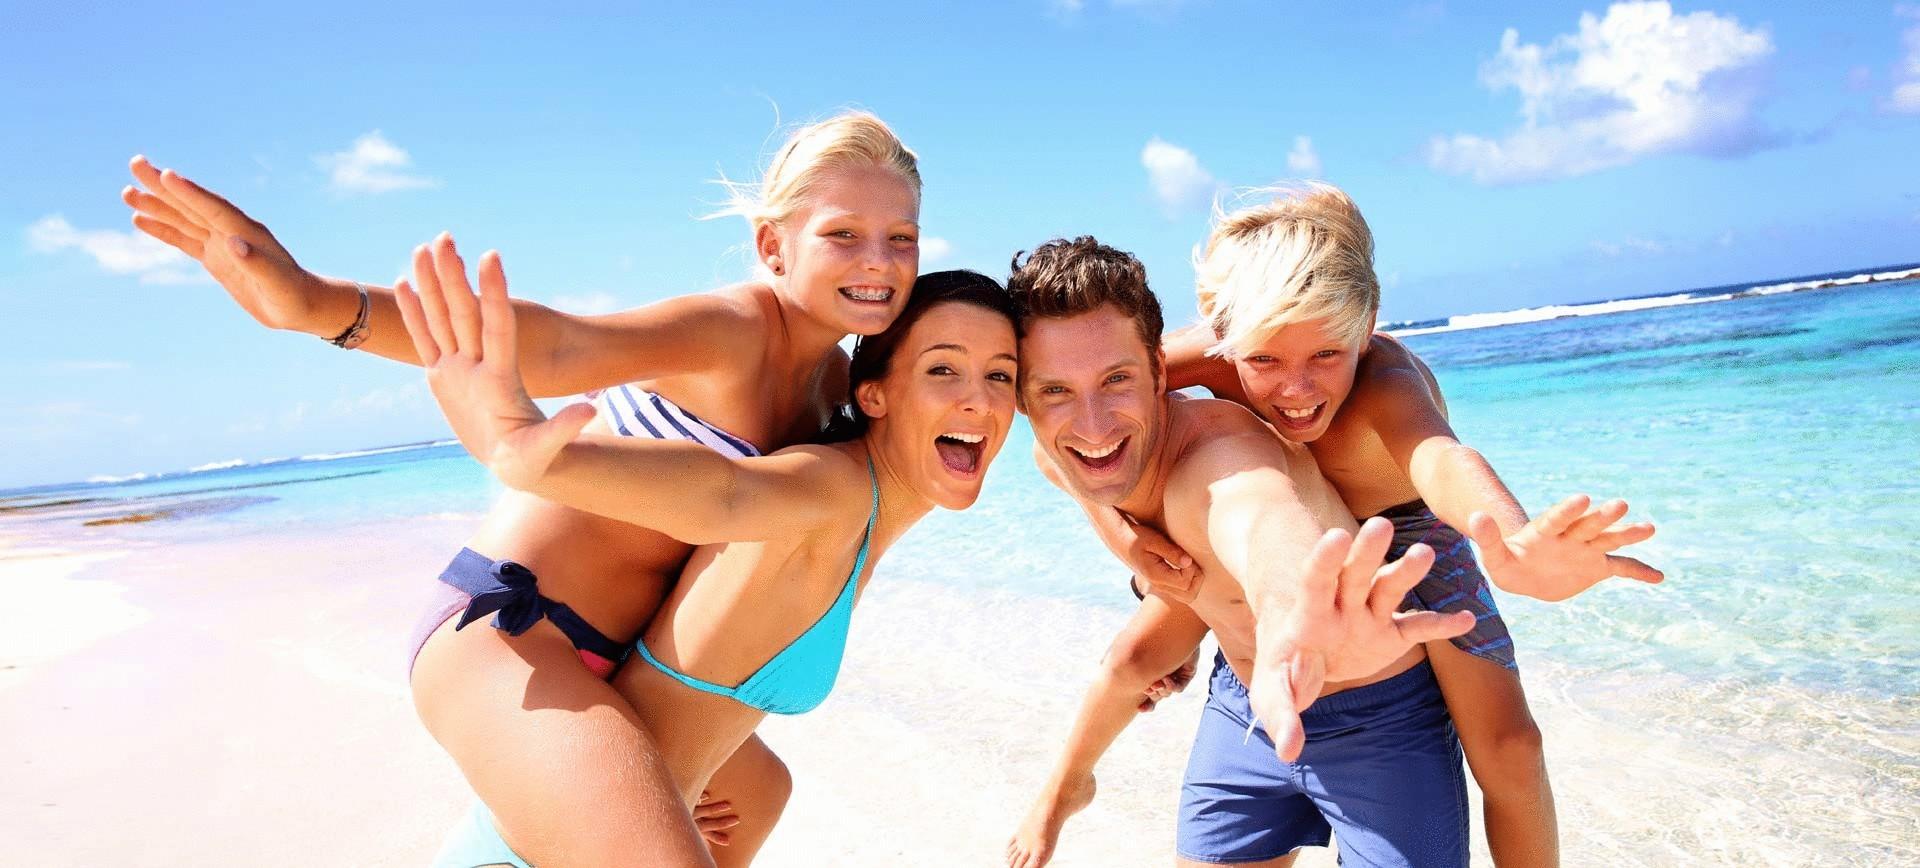 Фото семейных пар на пляжэ 16 фотография